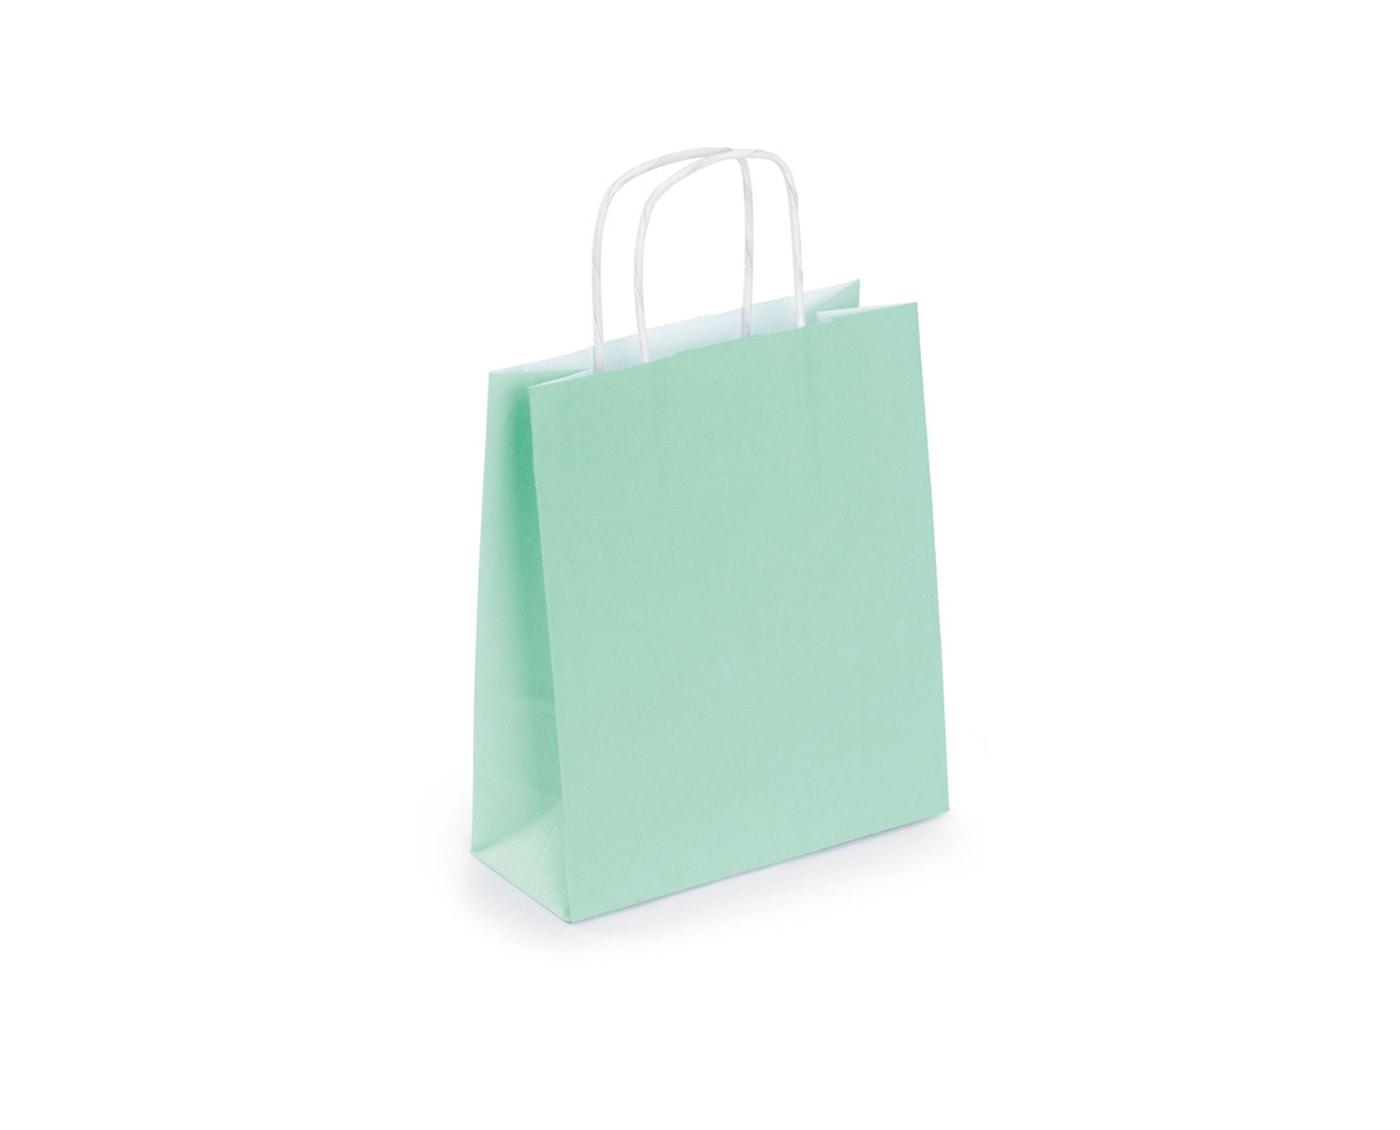 papierowa torba do pakowania w kolorze miętowym, kraft ze skręcanymi uchwytami